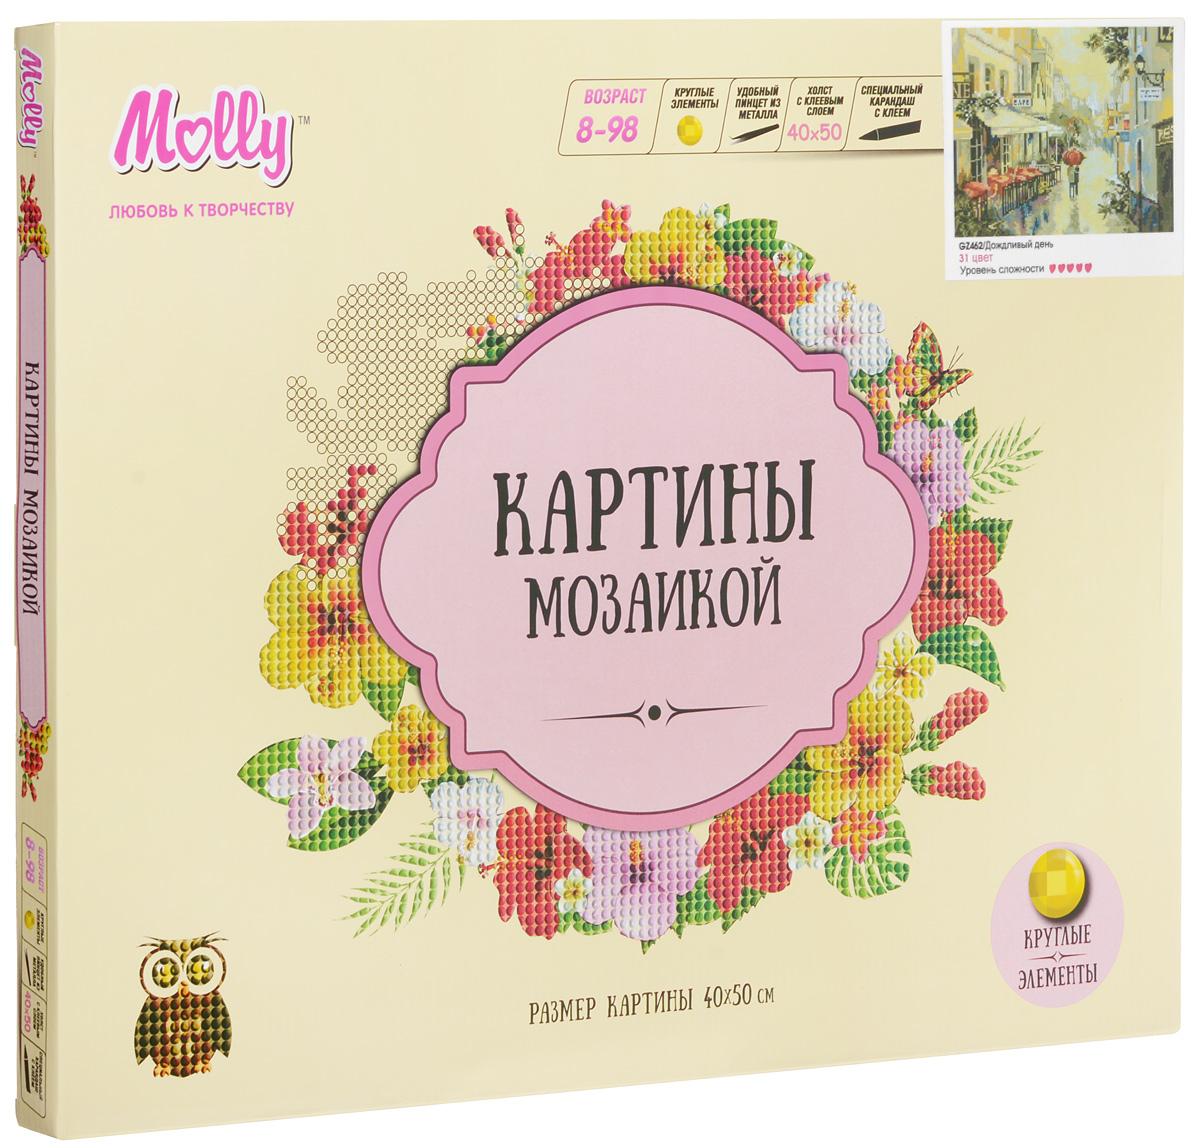 Molly Картина мозаикой Дождливый деньGZ462Мозаичные картины - не что иное, как эскиз будущего рисунка, контур, нанесенный на холст. Рисунок разбит на маркированные буквой или цифрой сегменты. Каждой цифре или букве соответствует определенный цвет мозаики. Картина мозаикой Molly Дождливый день - это набор для рисования, в котором картина раскрашивается мозаикой. Мозаика представляет собой имитацию граненого драгоценного камня или стекла. Самое главное, занятие не требует какой-либо дополнительной подготовки. Это увлекательный и полезный досуг для детей и взрослых. В наборе содержатся мозаичные элементы различных цветов и оттенков. Как часто понятию творчество сопутствует ассоциация творческий беспорядок! Набор Molly позволит избежать беспорядка или свести его к минимуму. Для этого в набор включен контейнер для элементов мозаики, а также удобный металлический пинцет для работы с мелкими элементами. К тому же, клеевая основа холста позволит обойтись без клея и оставить руки чистыми. ...